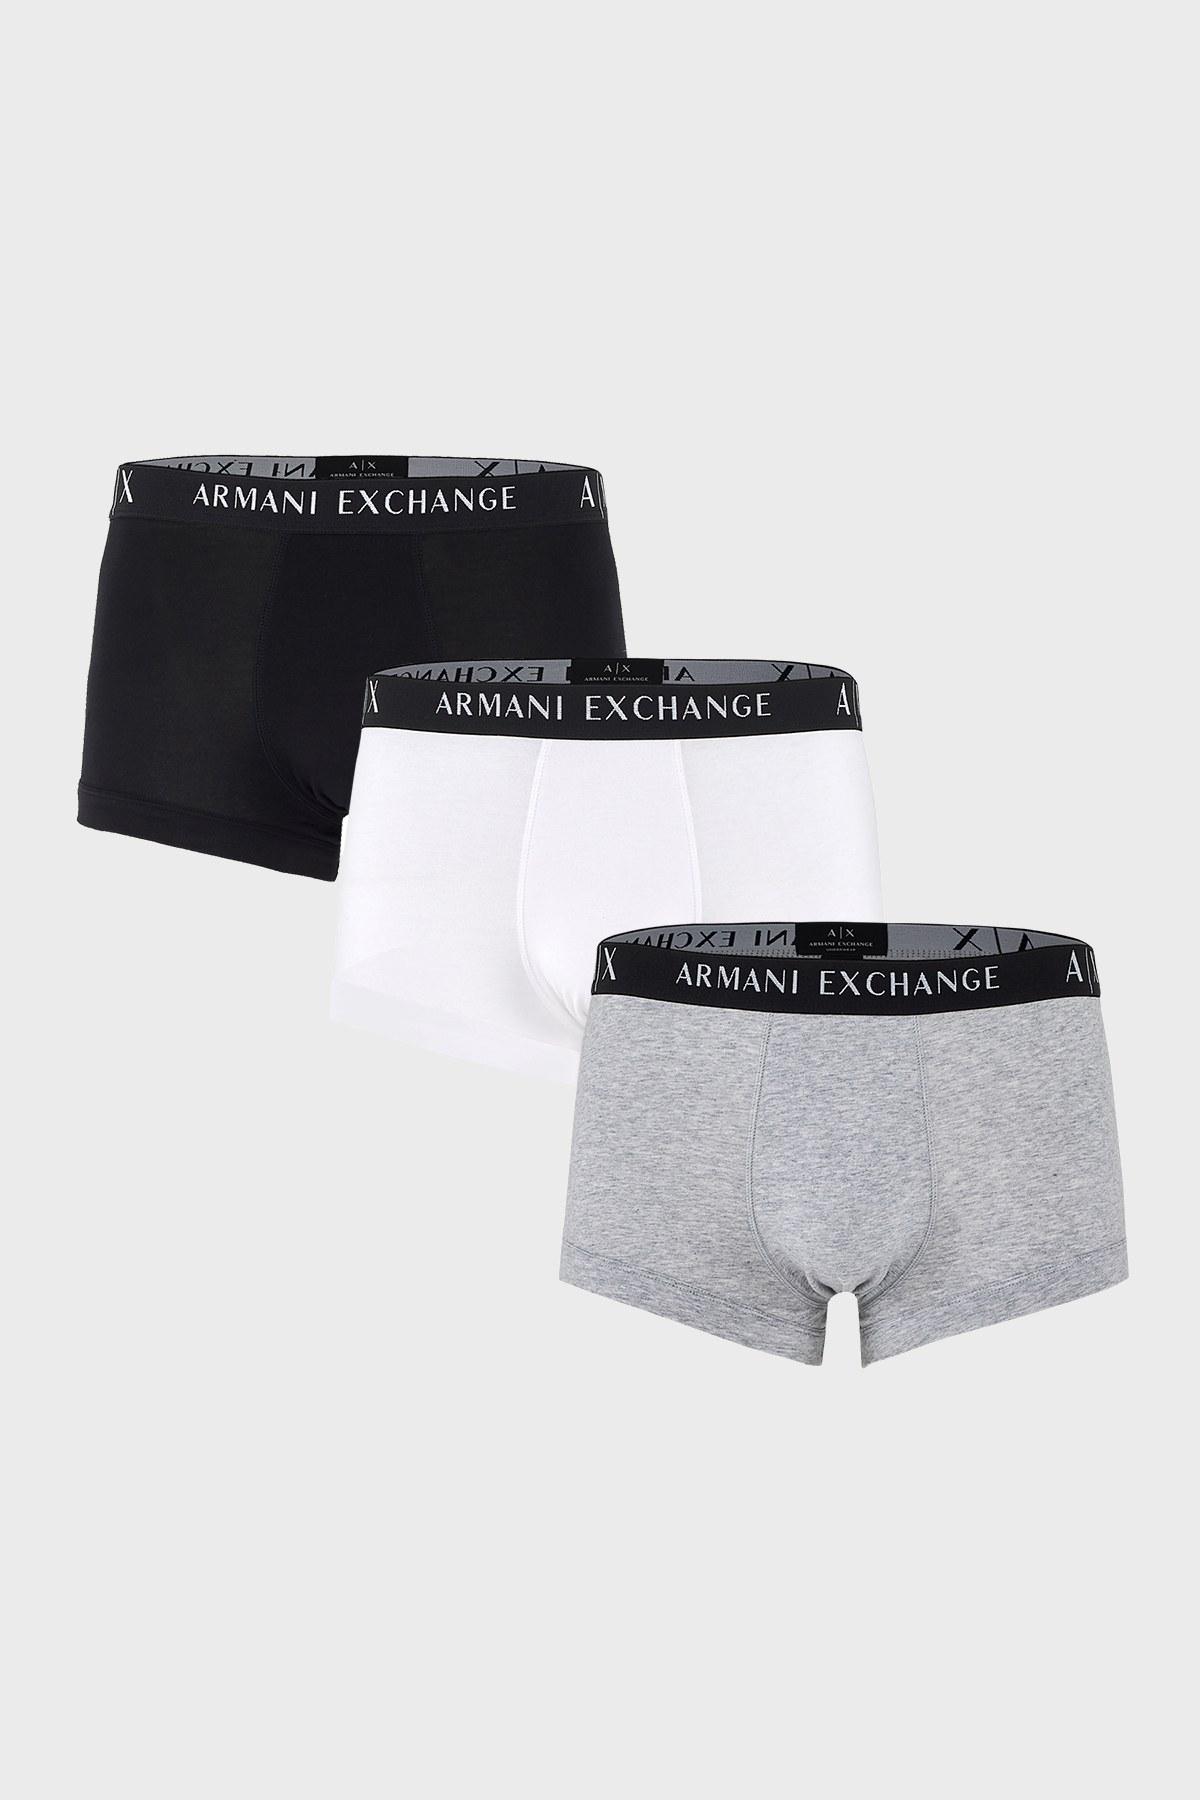 Armani Exchange 3 Pack Erkek Boxer 956000 CC282 49920 SİYAH-BEYAZ-GRİ